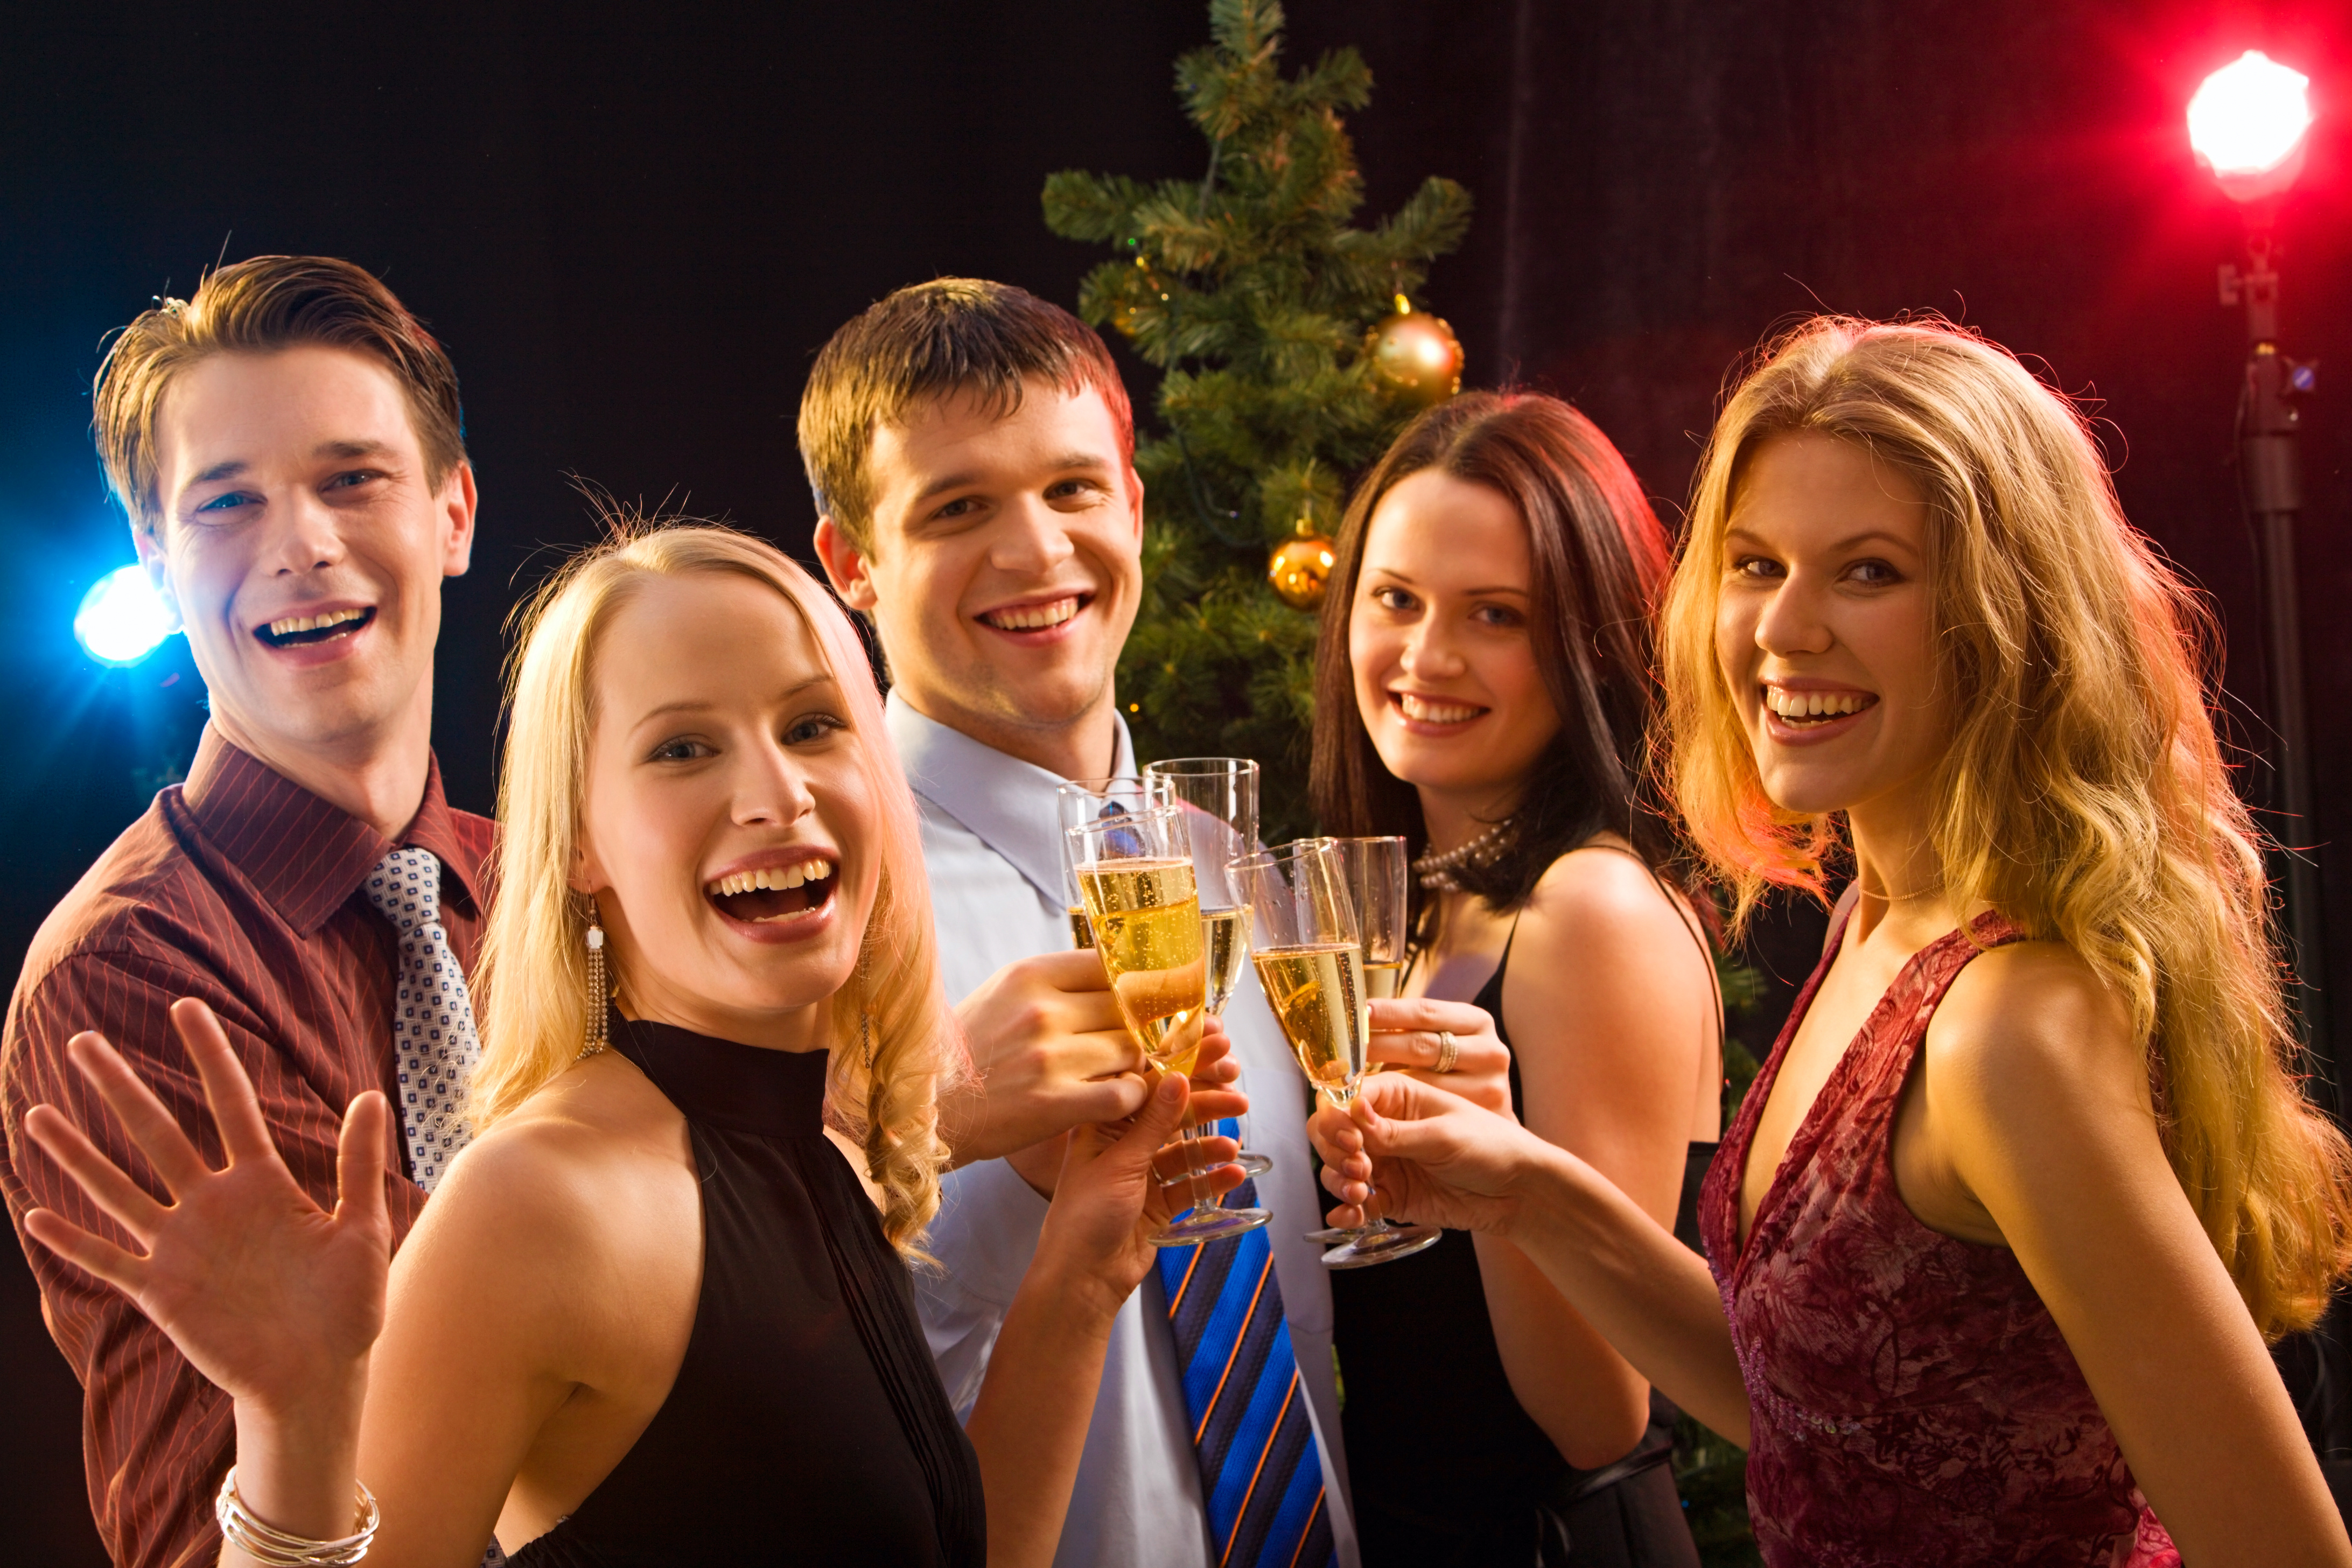 パーティーで乾杯をする若い男女